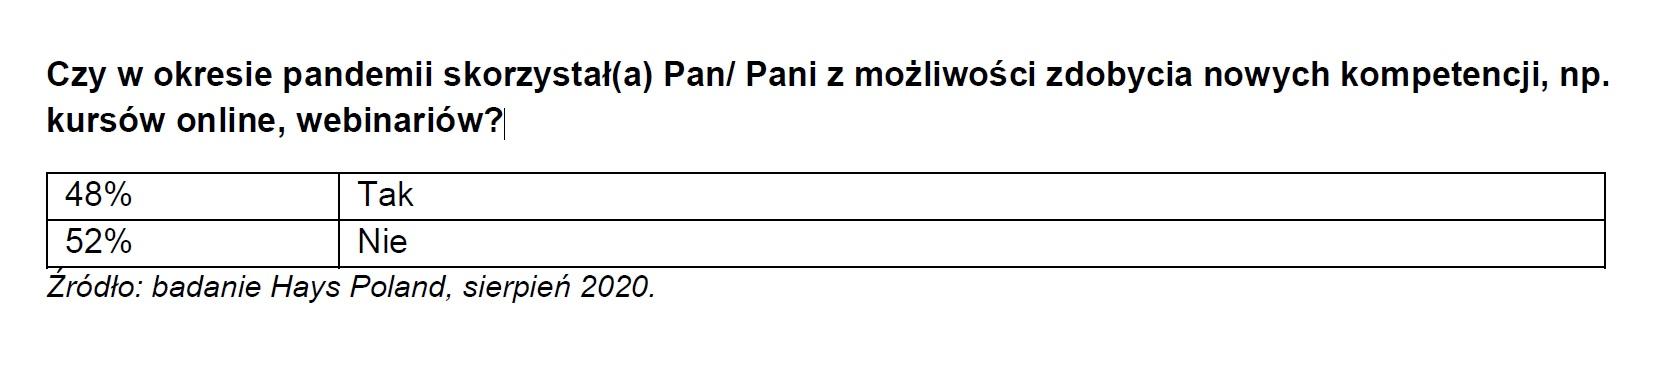 Możliwości zdobycia nowych kompetencji w okresie pandemii (Źródło -Badanie Hays Poland)